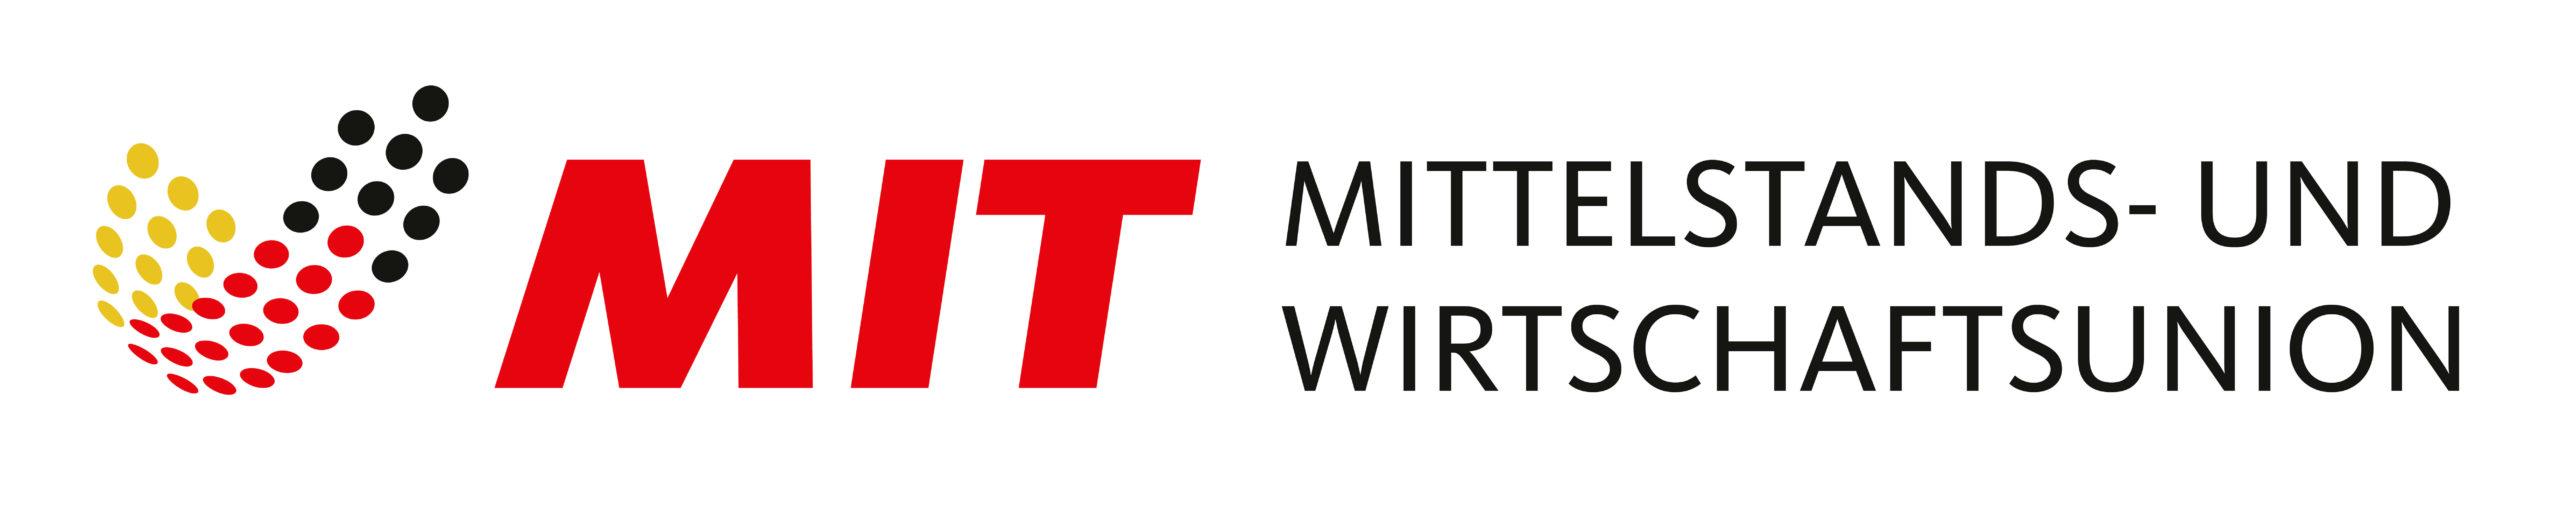 Logo Mittelstands- und Wirtschaftsunion